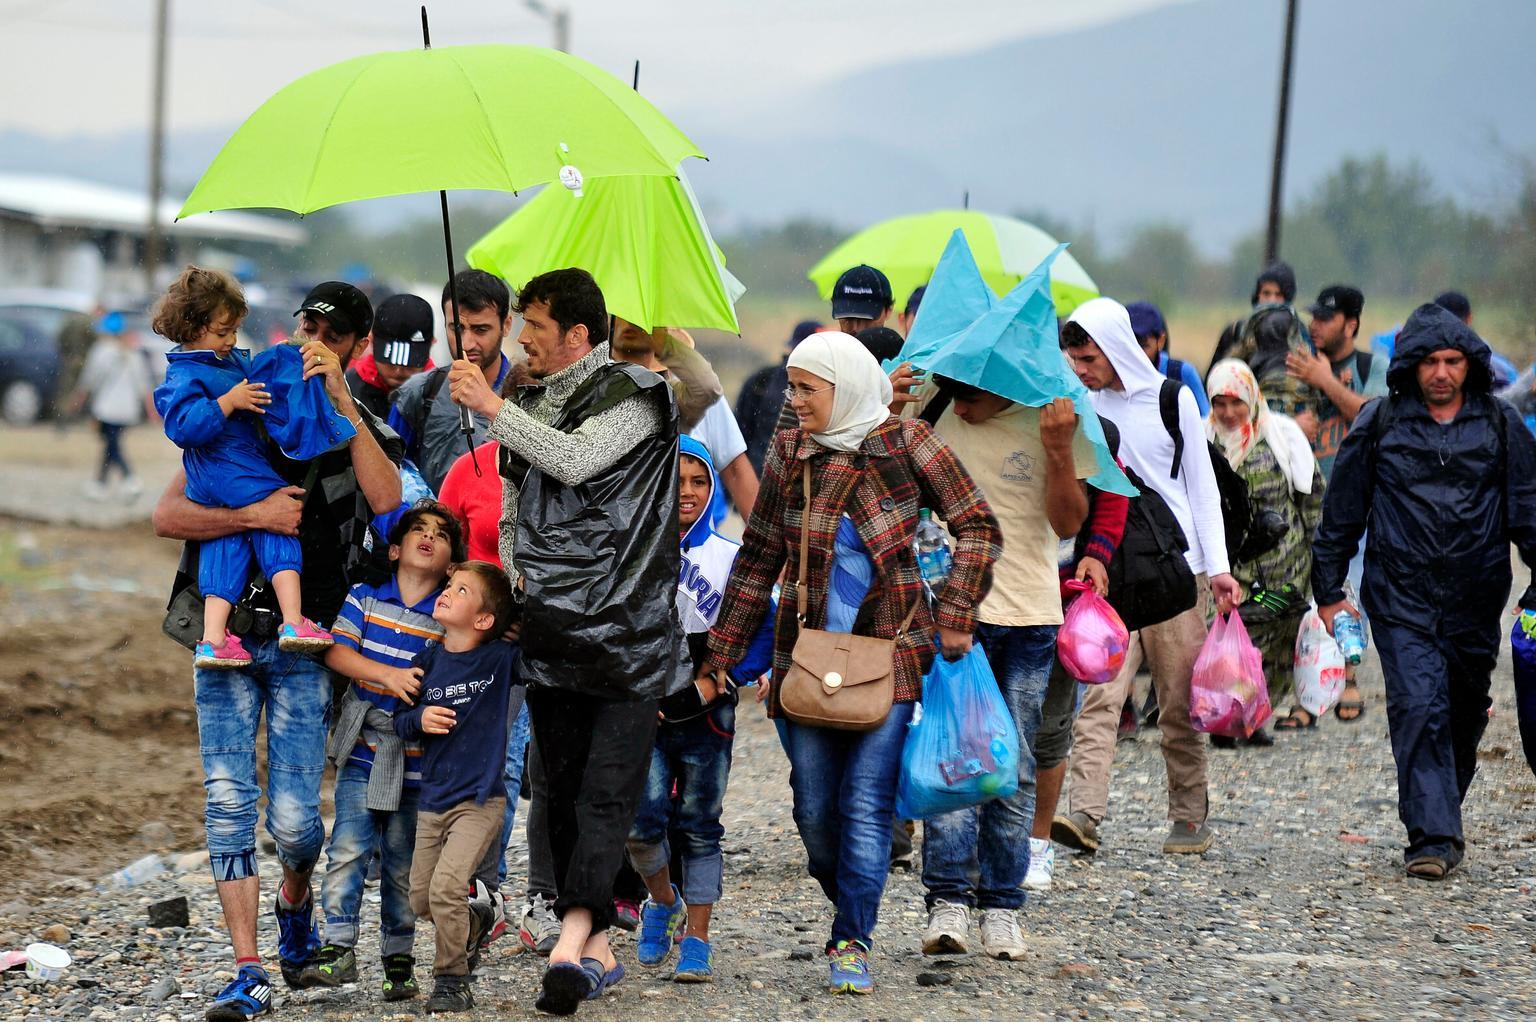 Las condiciones de vida de los refugiados están afectando a su salud física y mental.